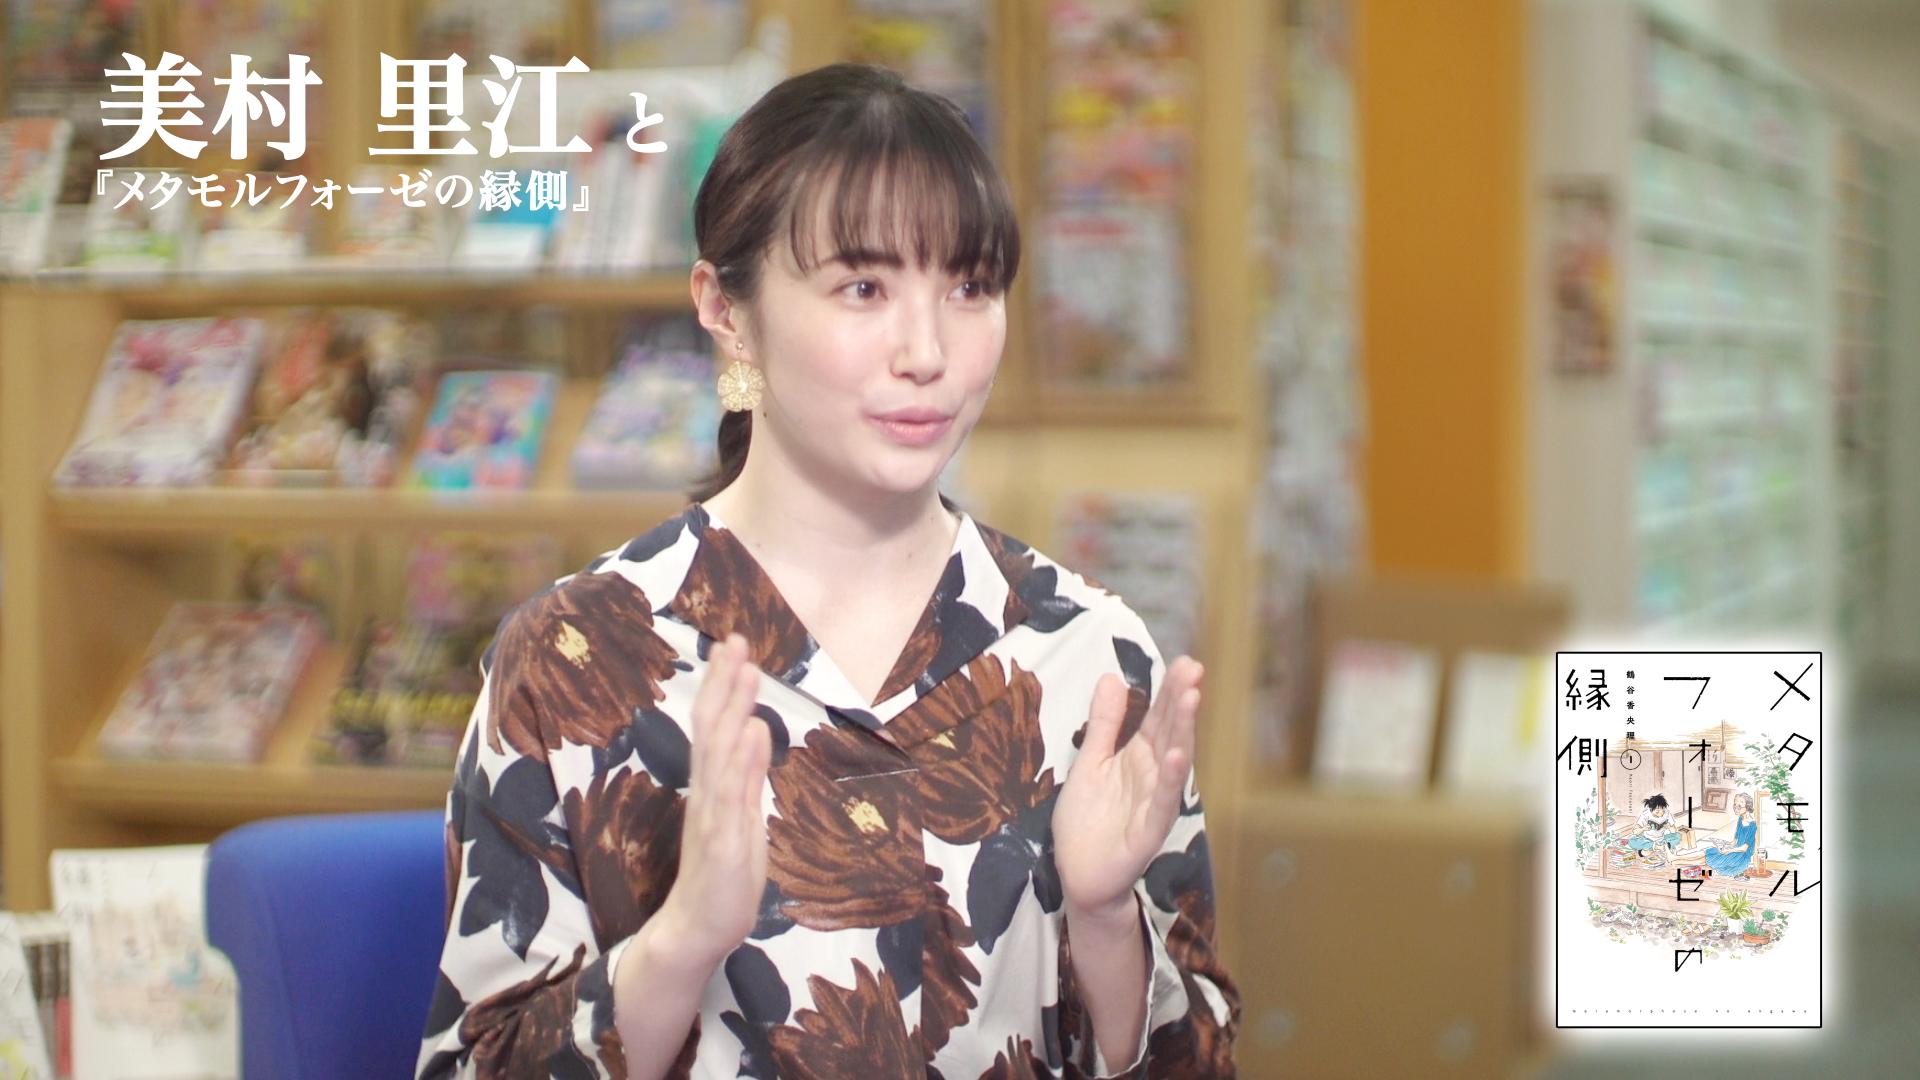 女優・美村里江が『メタモルフォーゼの縁側』の魅力を語る。撮り下ろしコメント動画、本日2月8日(金)公開!